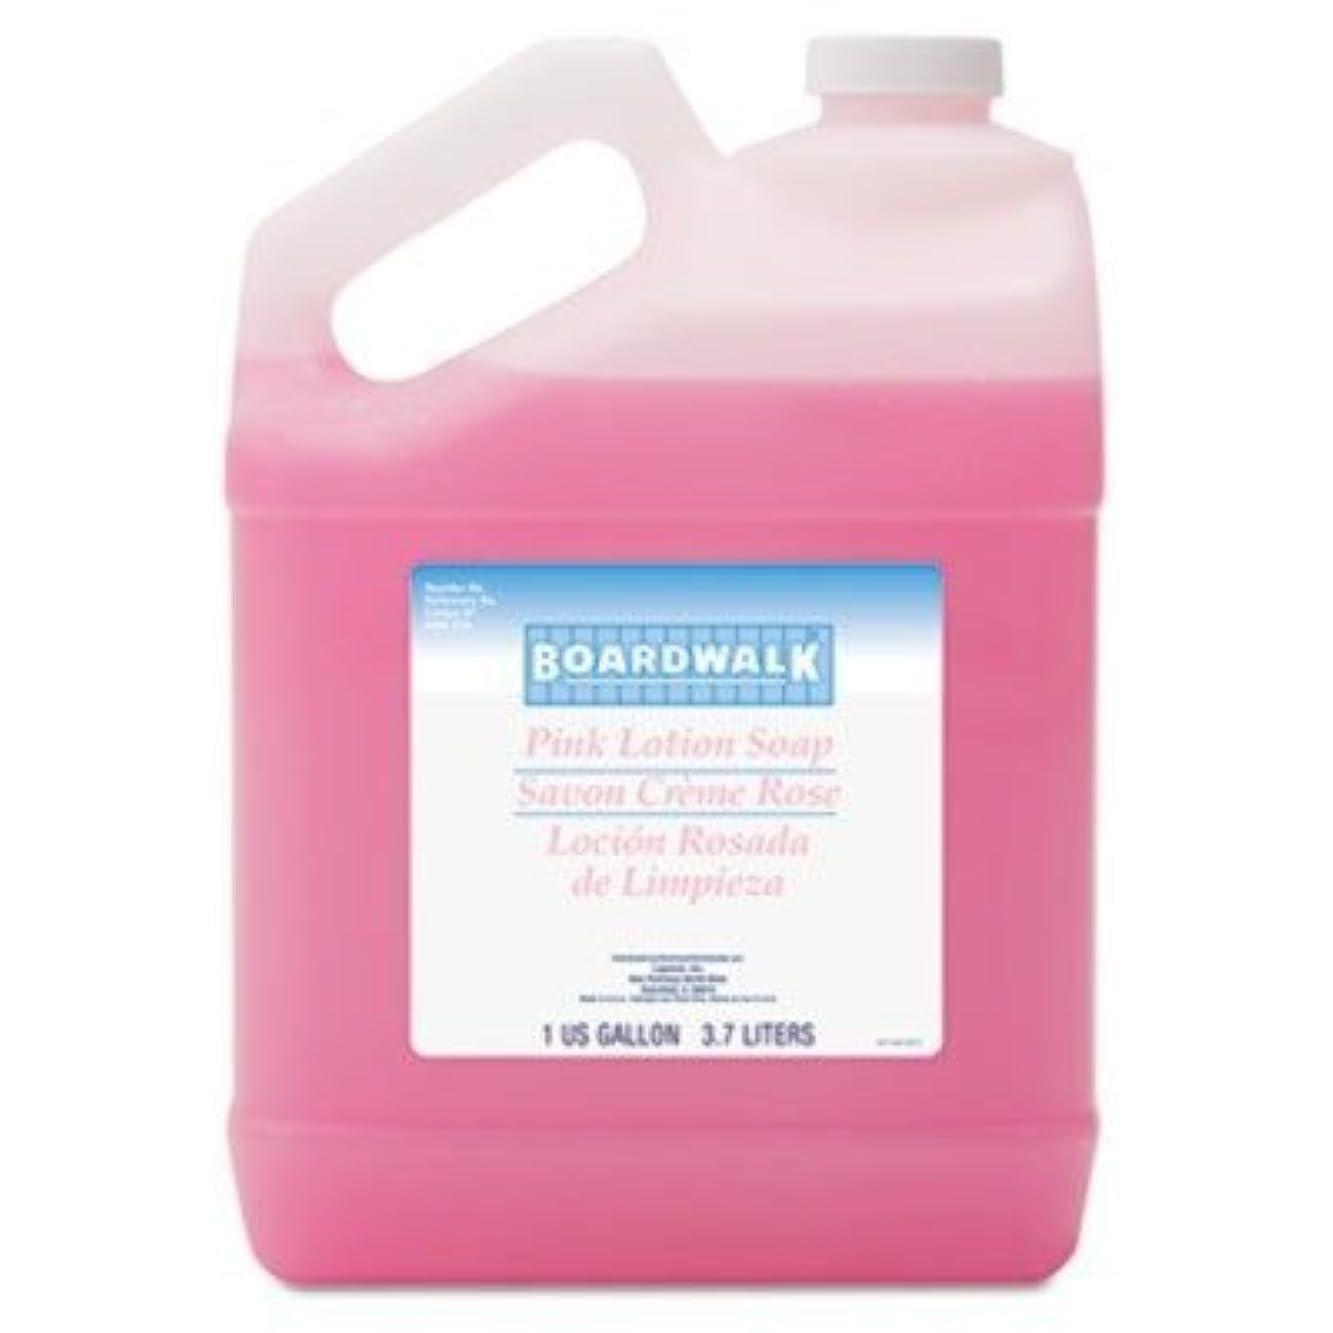 薄いです相互接続応じるbwk410 – Mild Cleansing Lotion Soap、LTピンク花柄香り、液体、1ガロンボトル